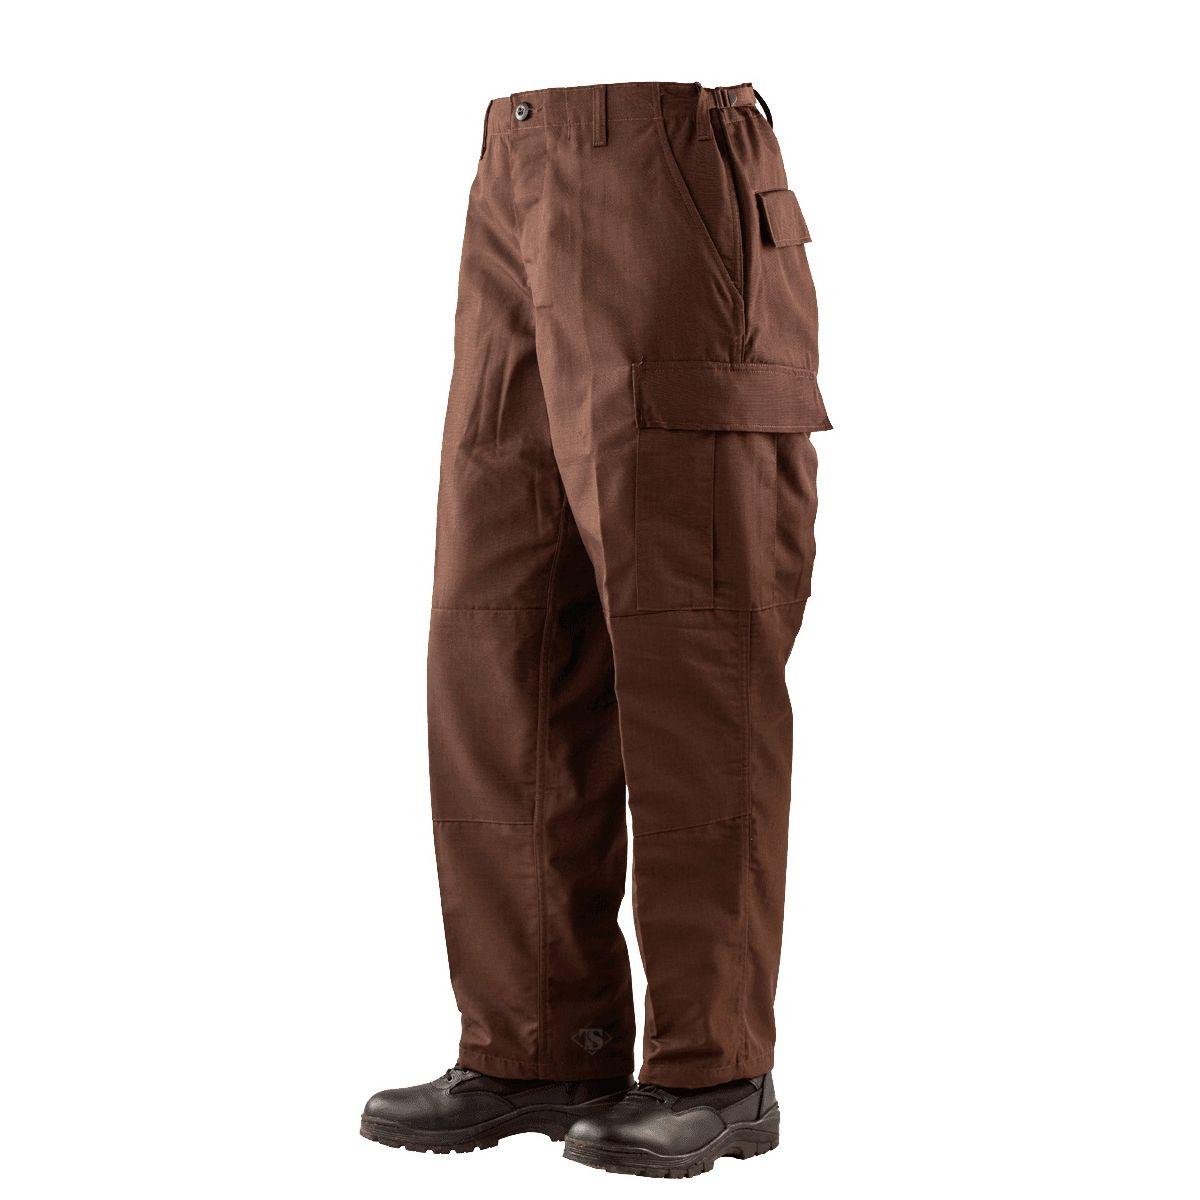 Kalhoty TRU POLICE ZIP FLY rip-stop HNÌDÉ